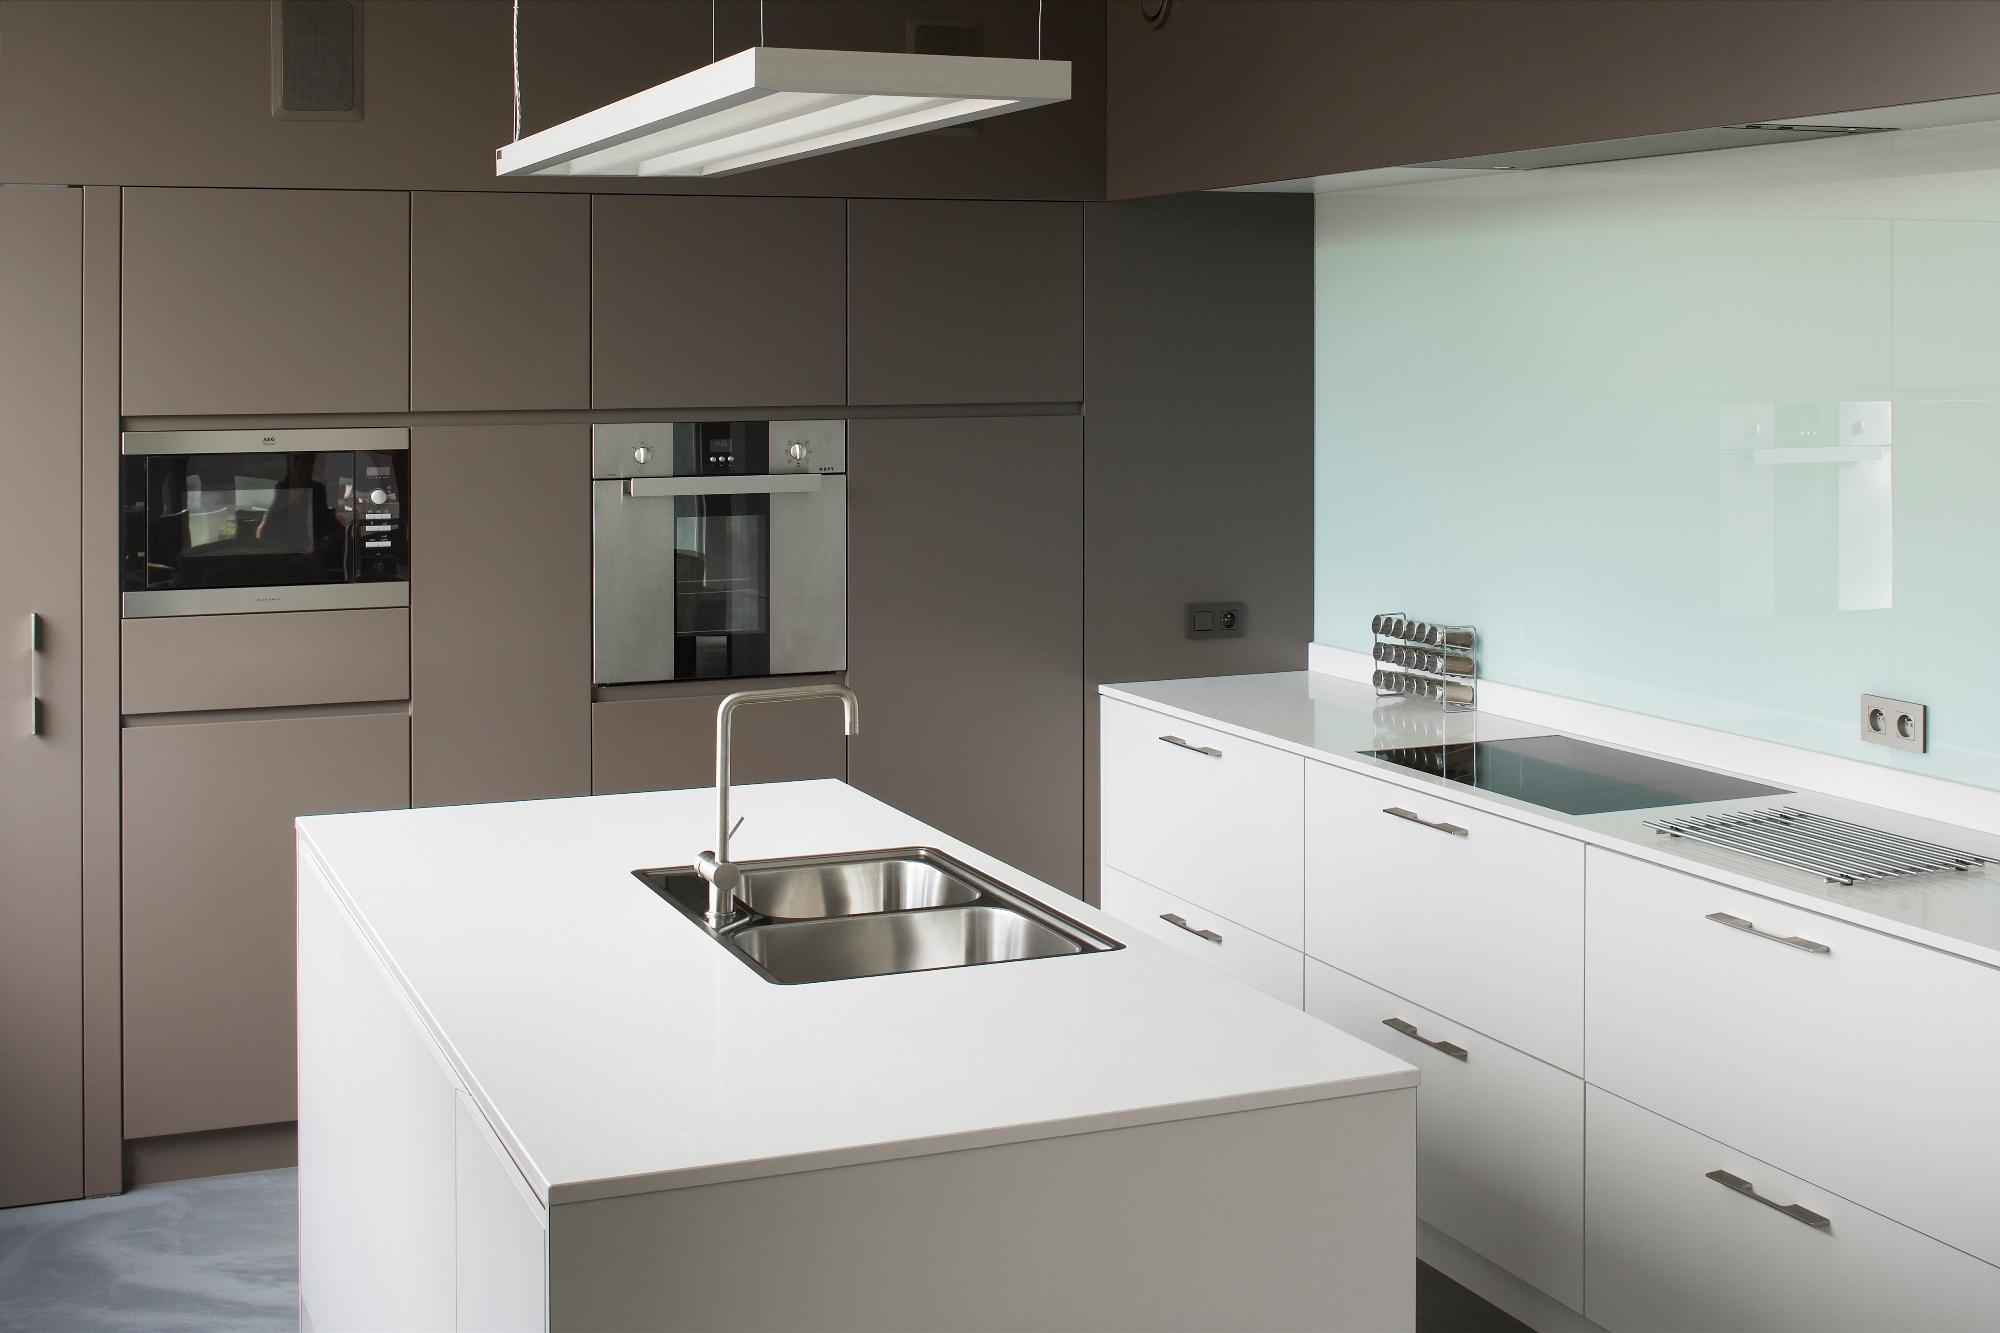 Voortman Keukens Elst : Keukens steenwijk best vt wonen keukens with voortman keukens